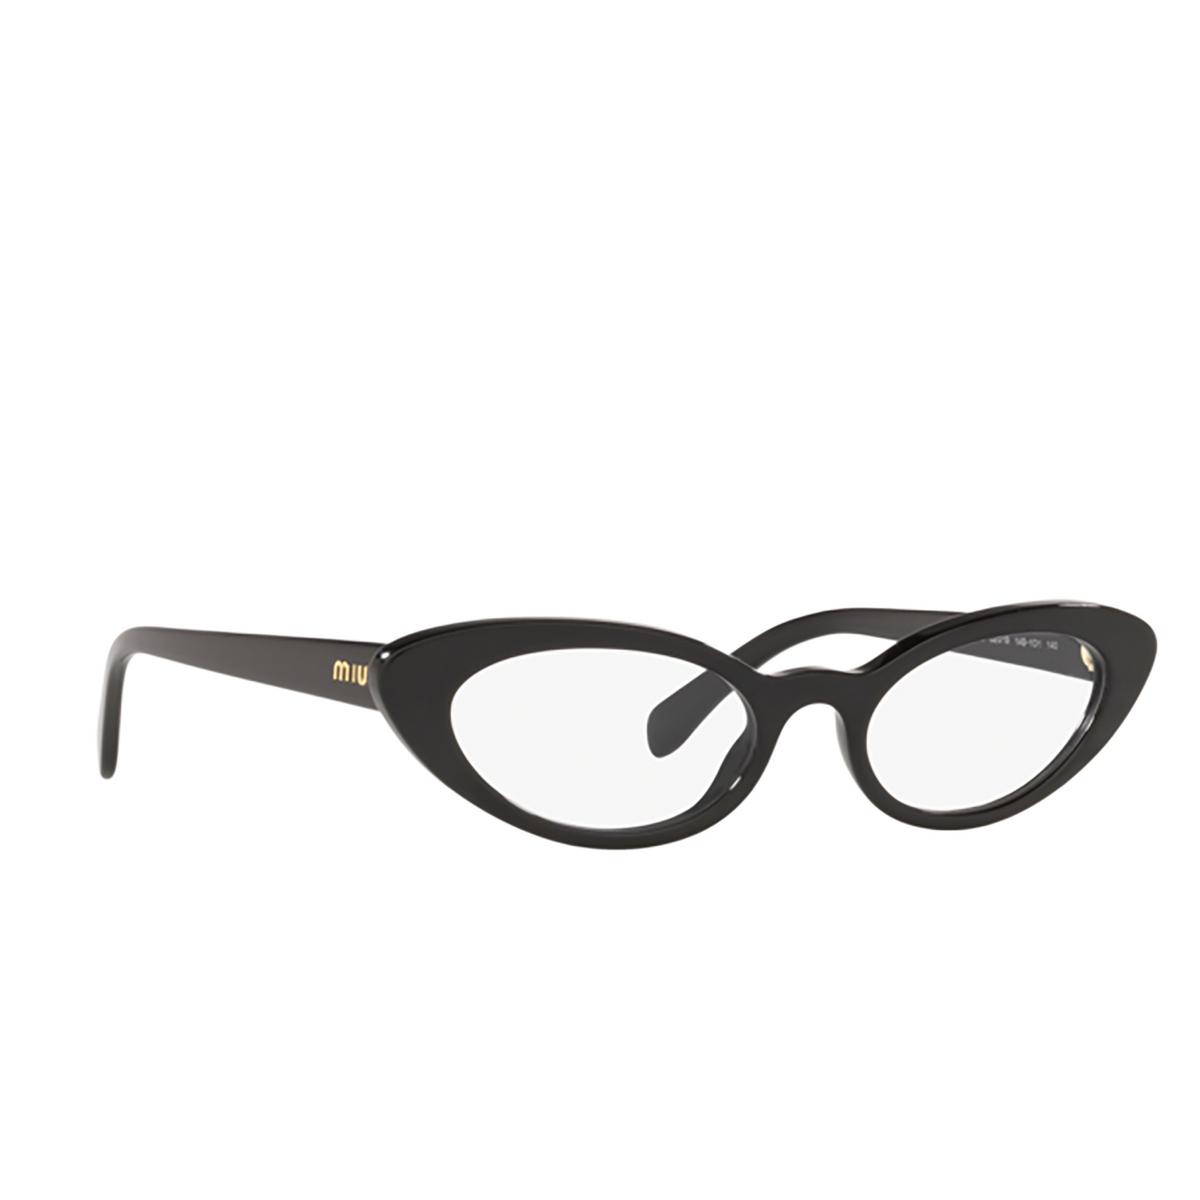 Miu Miu® Cat-eye Eyeglasses: MU 01SV color Black 1AB1O1 - three-quarters view.